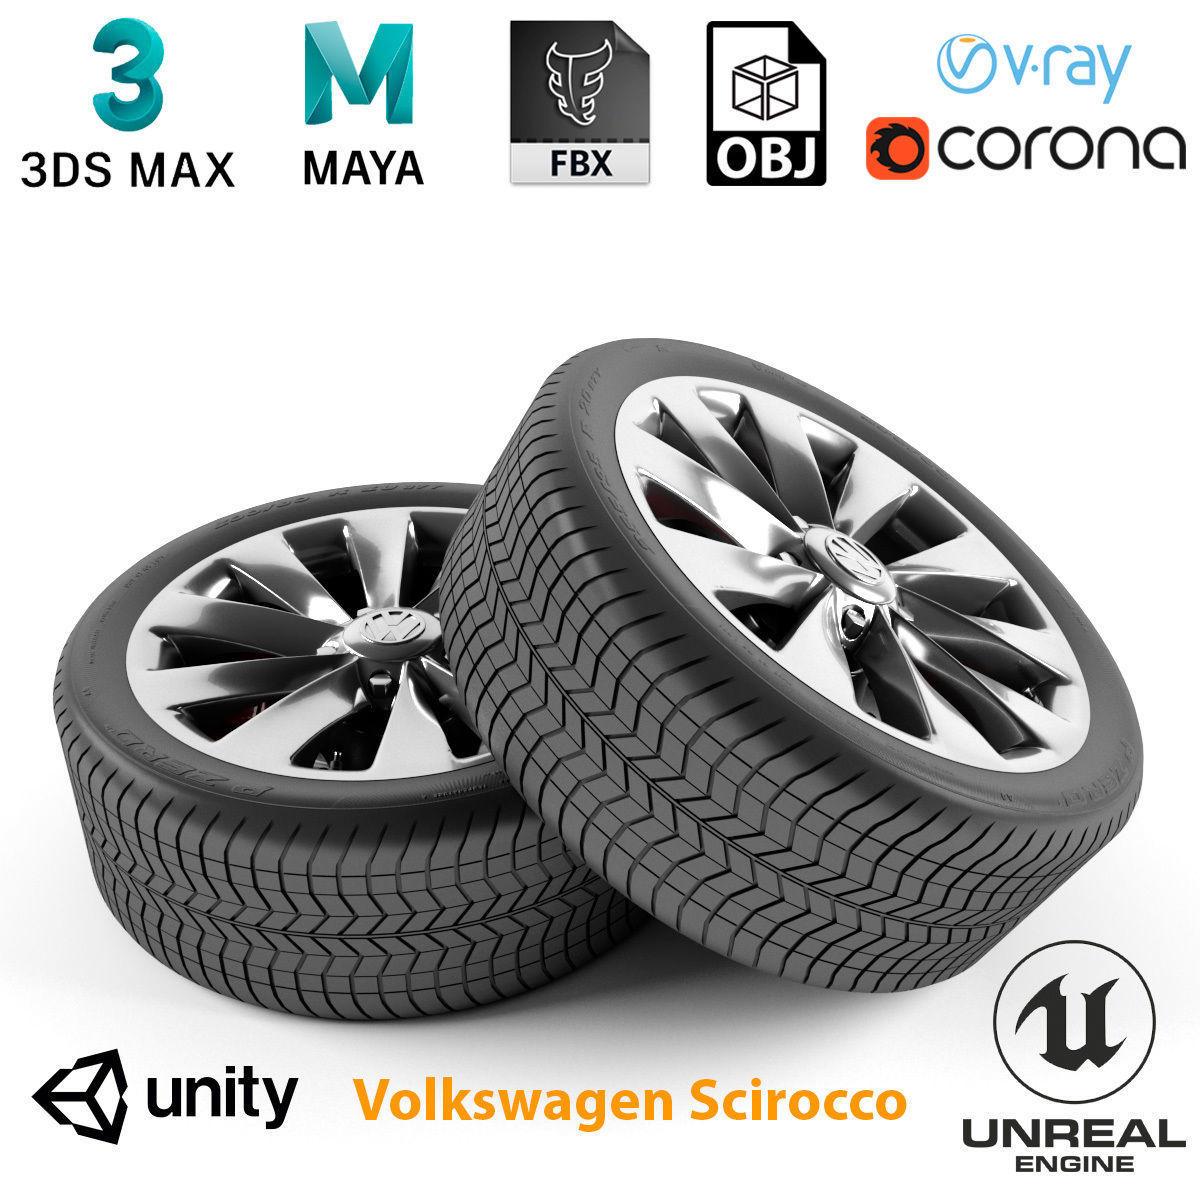 Volkswagen Scirocco Wheel